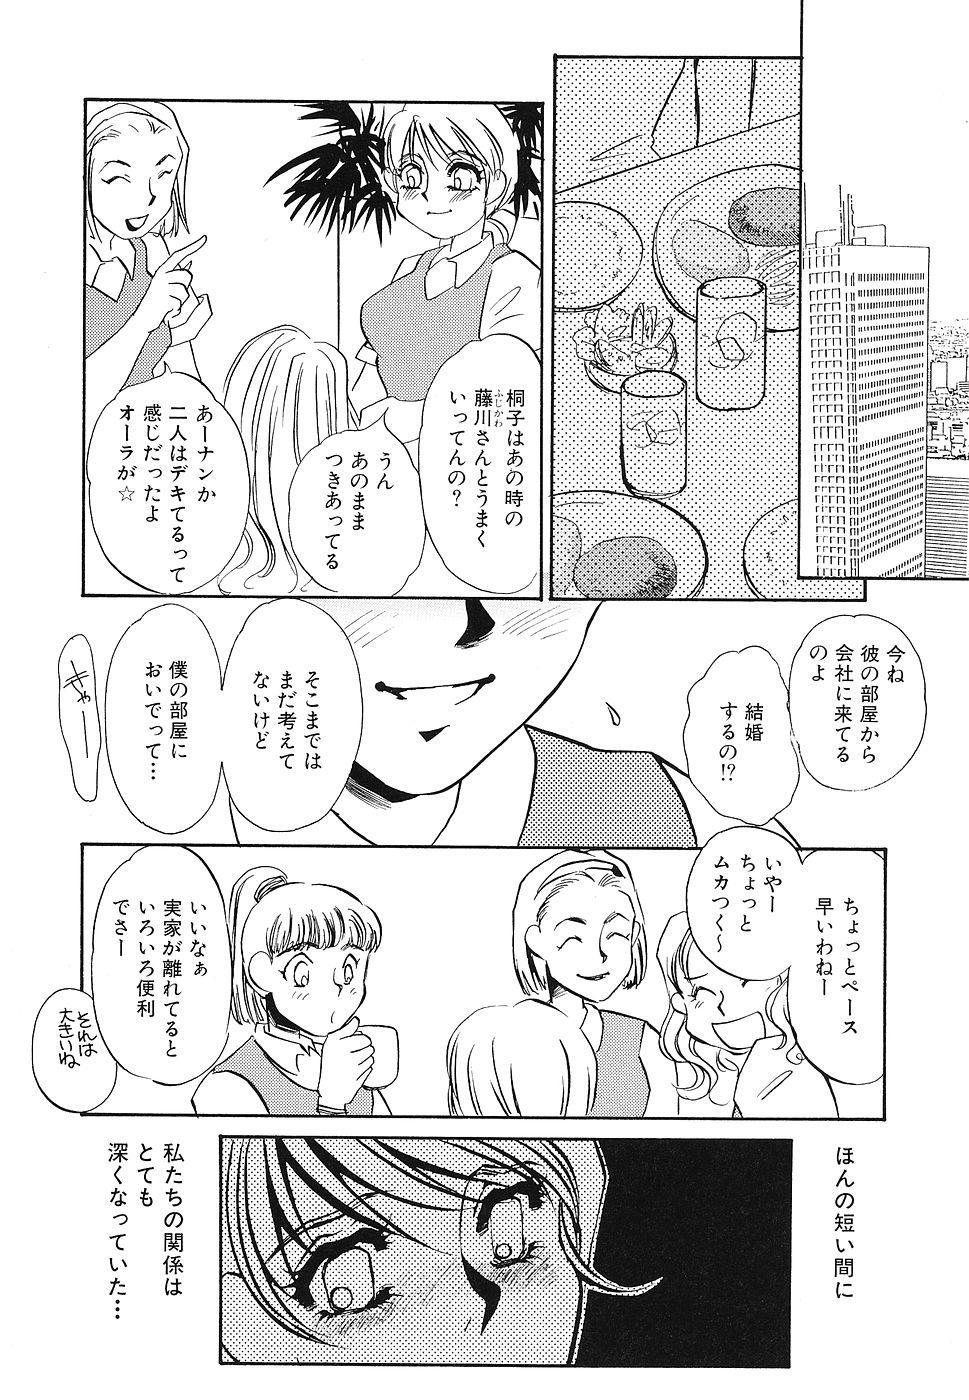 yurushite 84